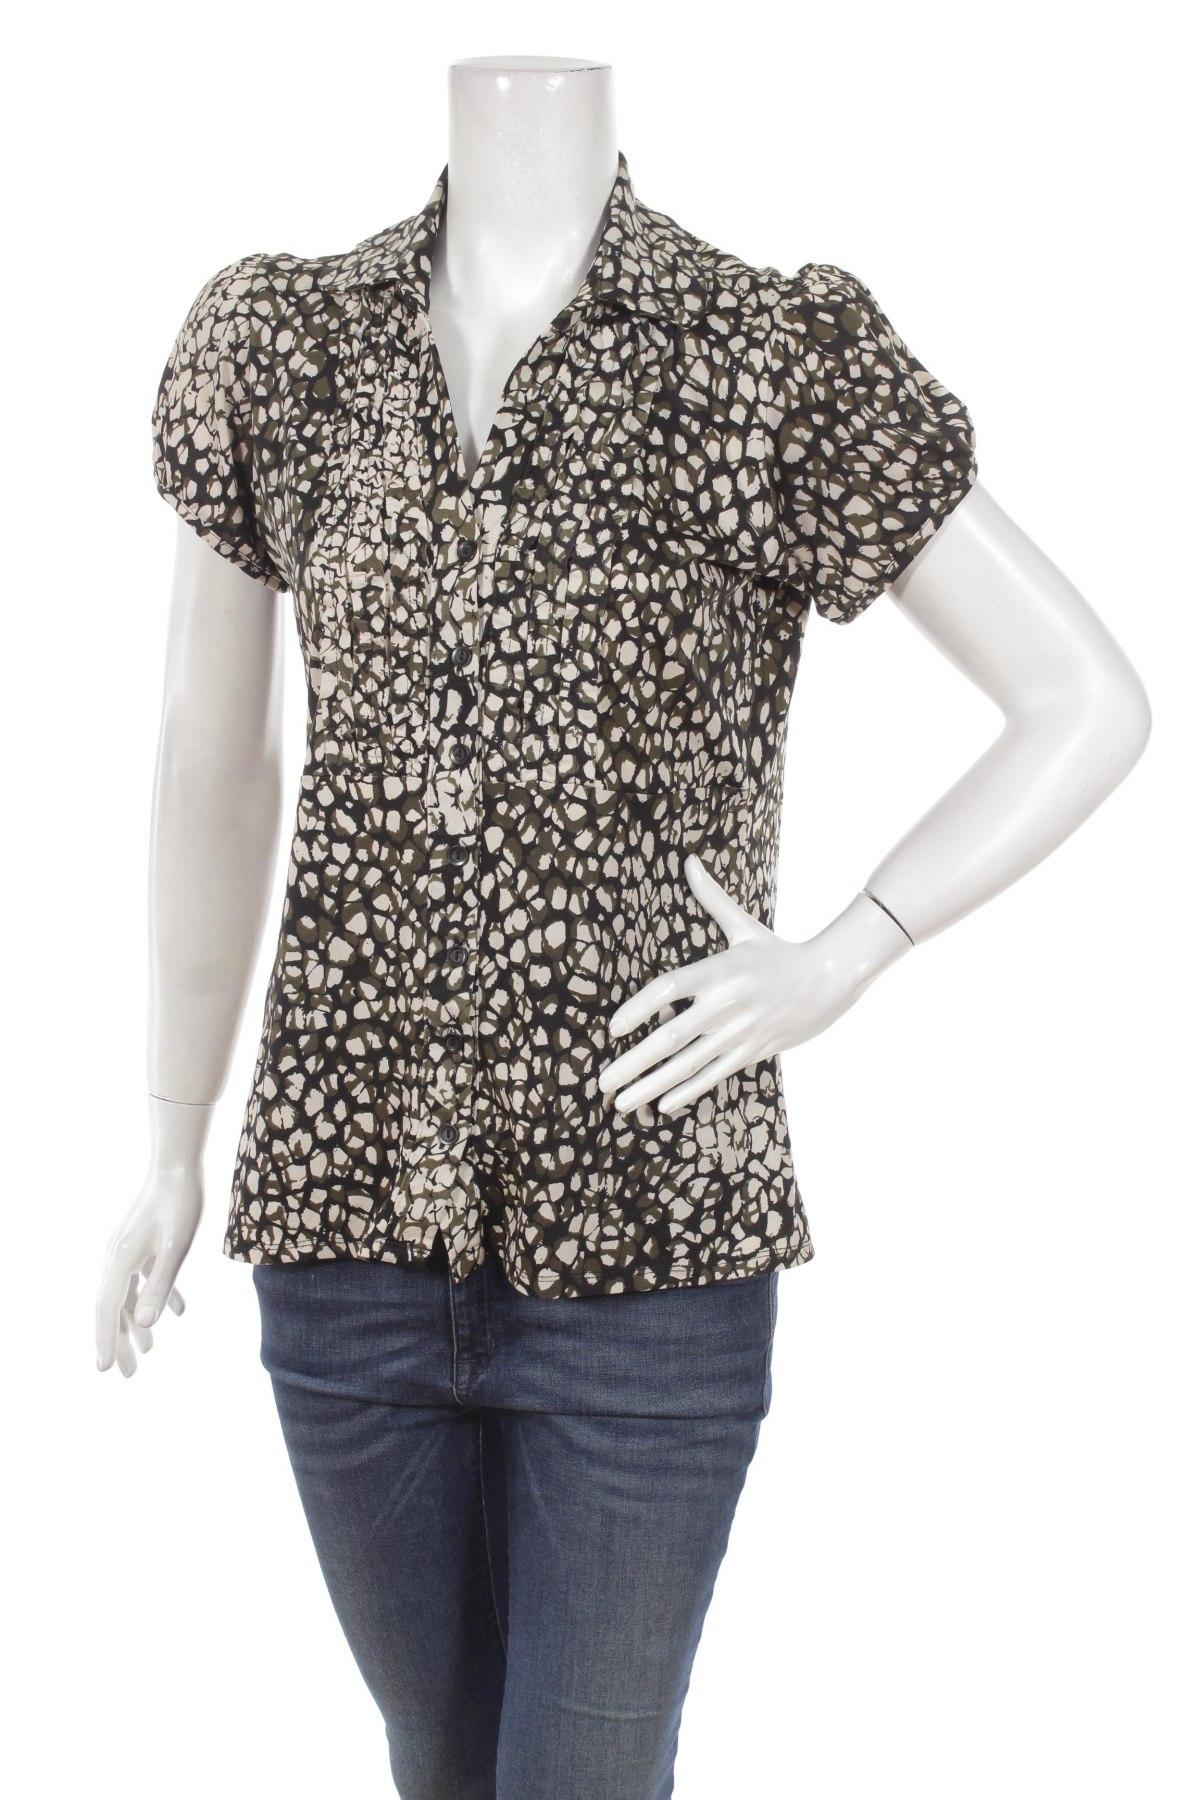 Γυναικείο πουκάμισο Reitmans, Μέγεθος S, Χρώμα Πολύχρωμο, 95% πολυεστέρας, 5% ελαστάνη, Τιμή 9,28€